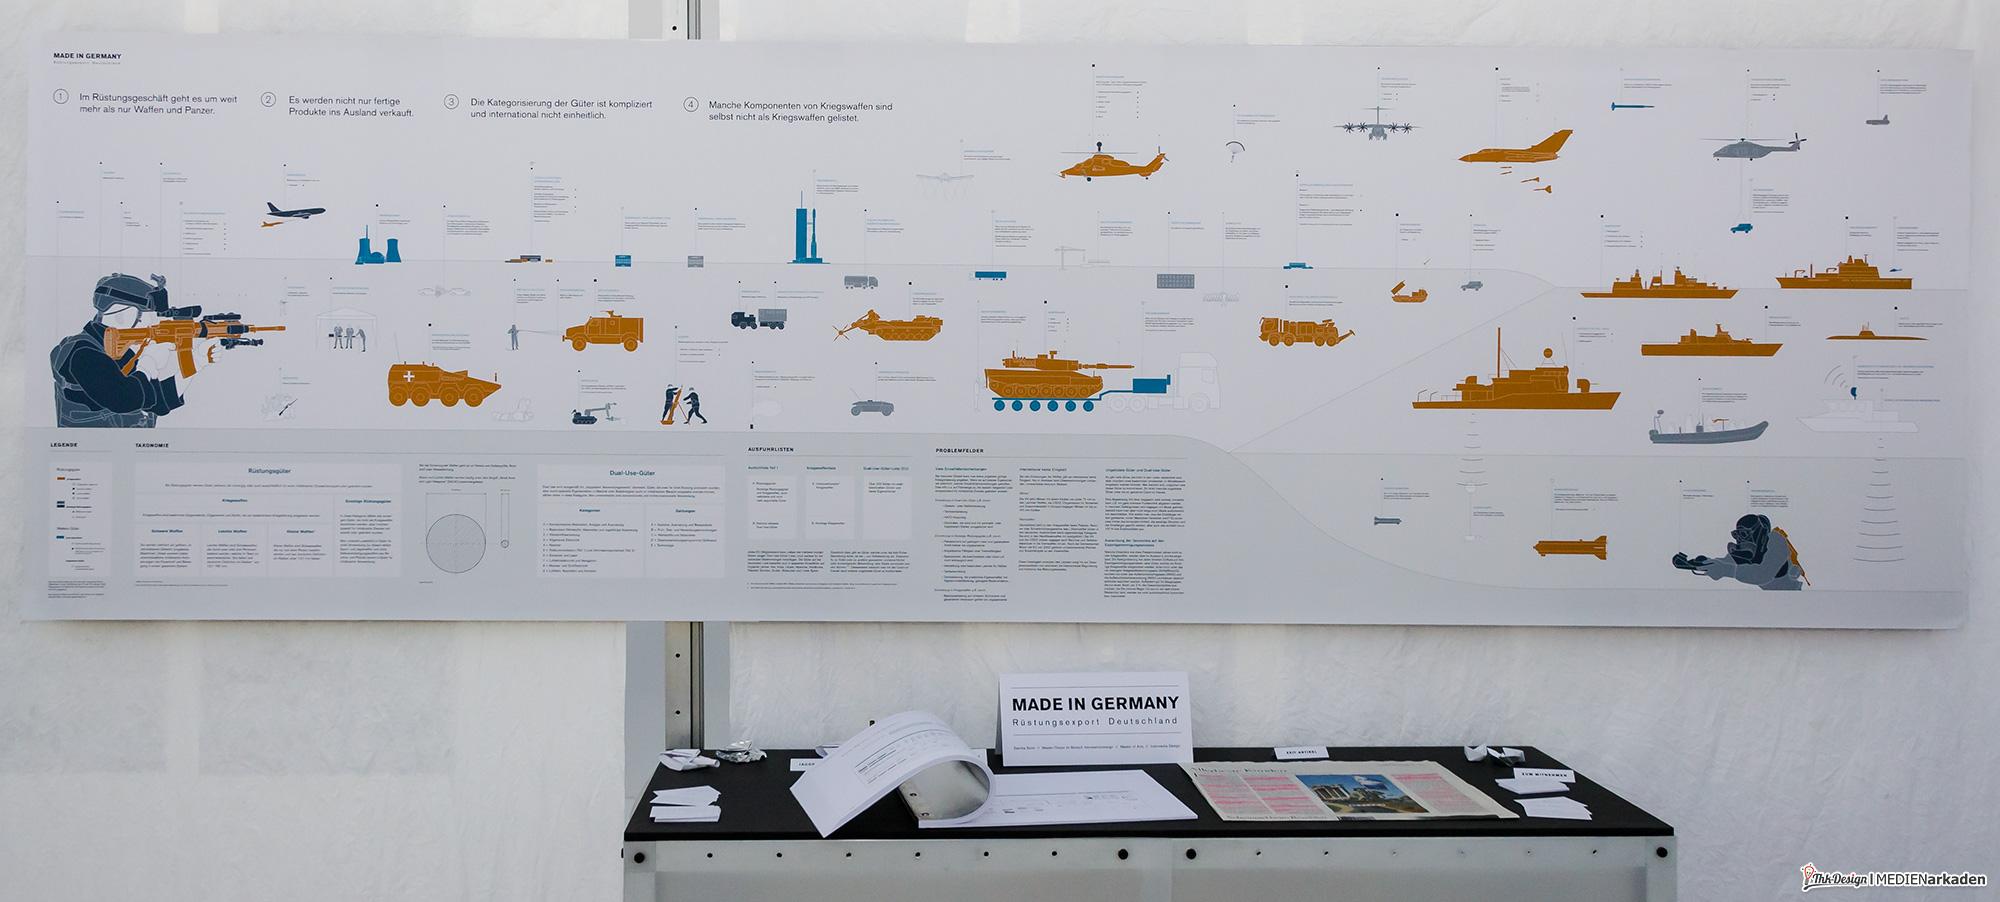 Visualisierung Deutscher Rüstungsexporte - ein politsch brisantes Thema für eine Bachelorarbeit